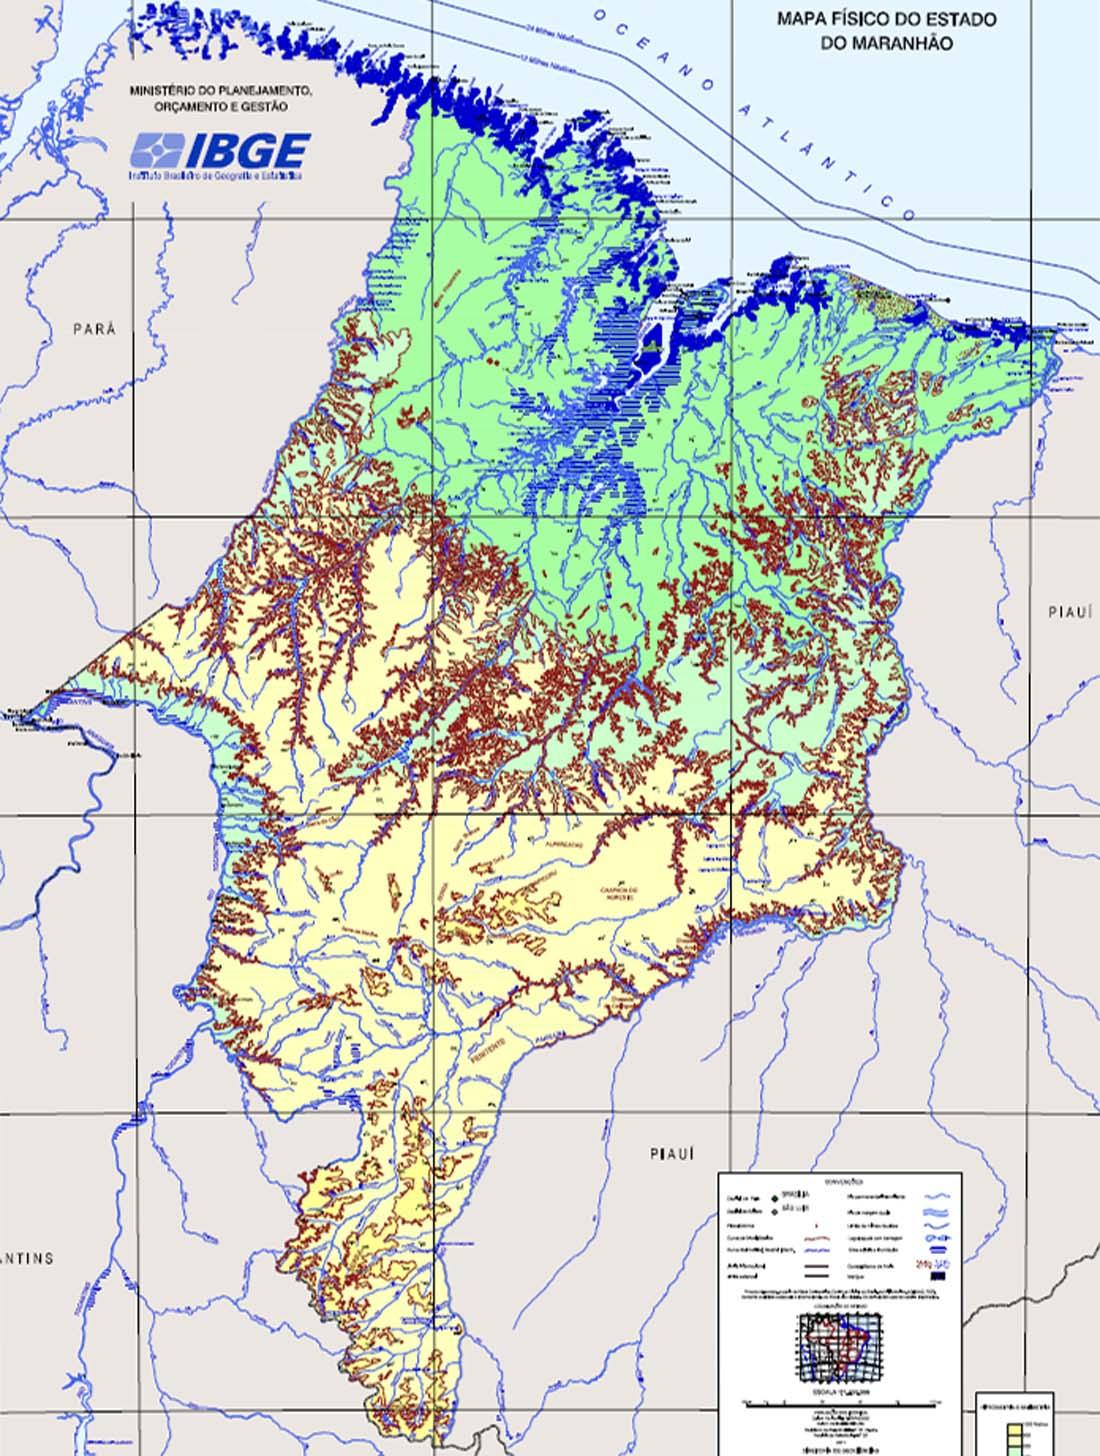 Mapas do Estado do Maranhão